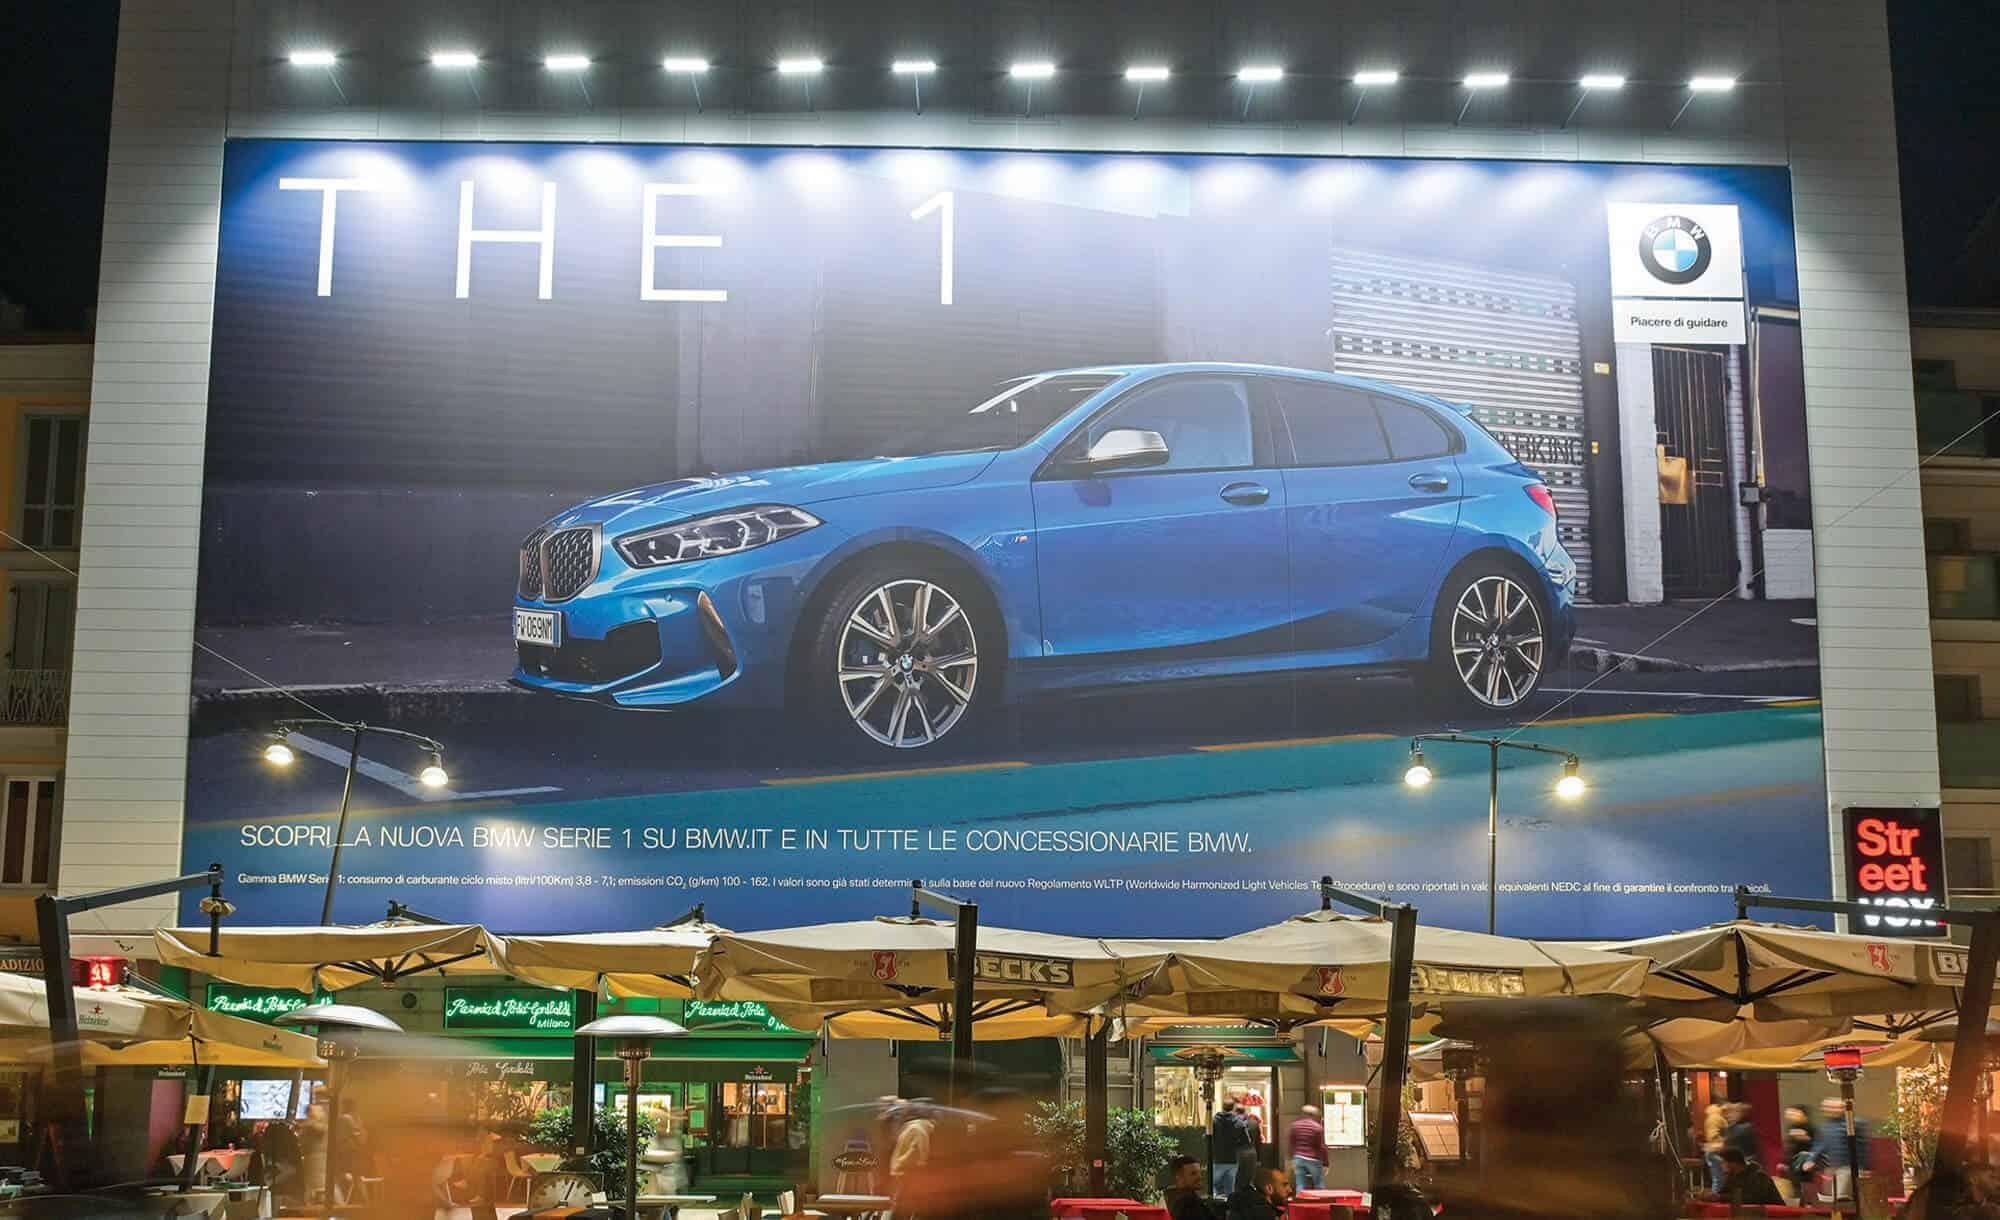 Maxi Affissione Streetvox Corso Como 6 a Milano con BMW (Automotive)